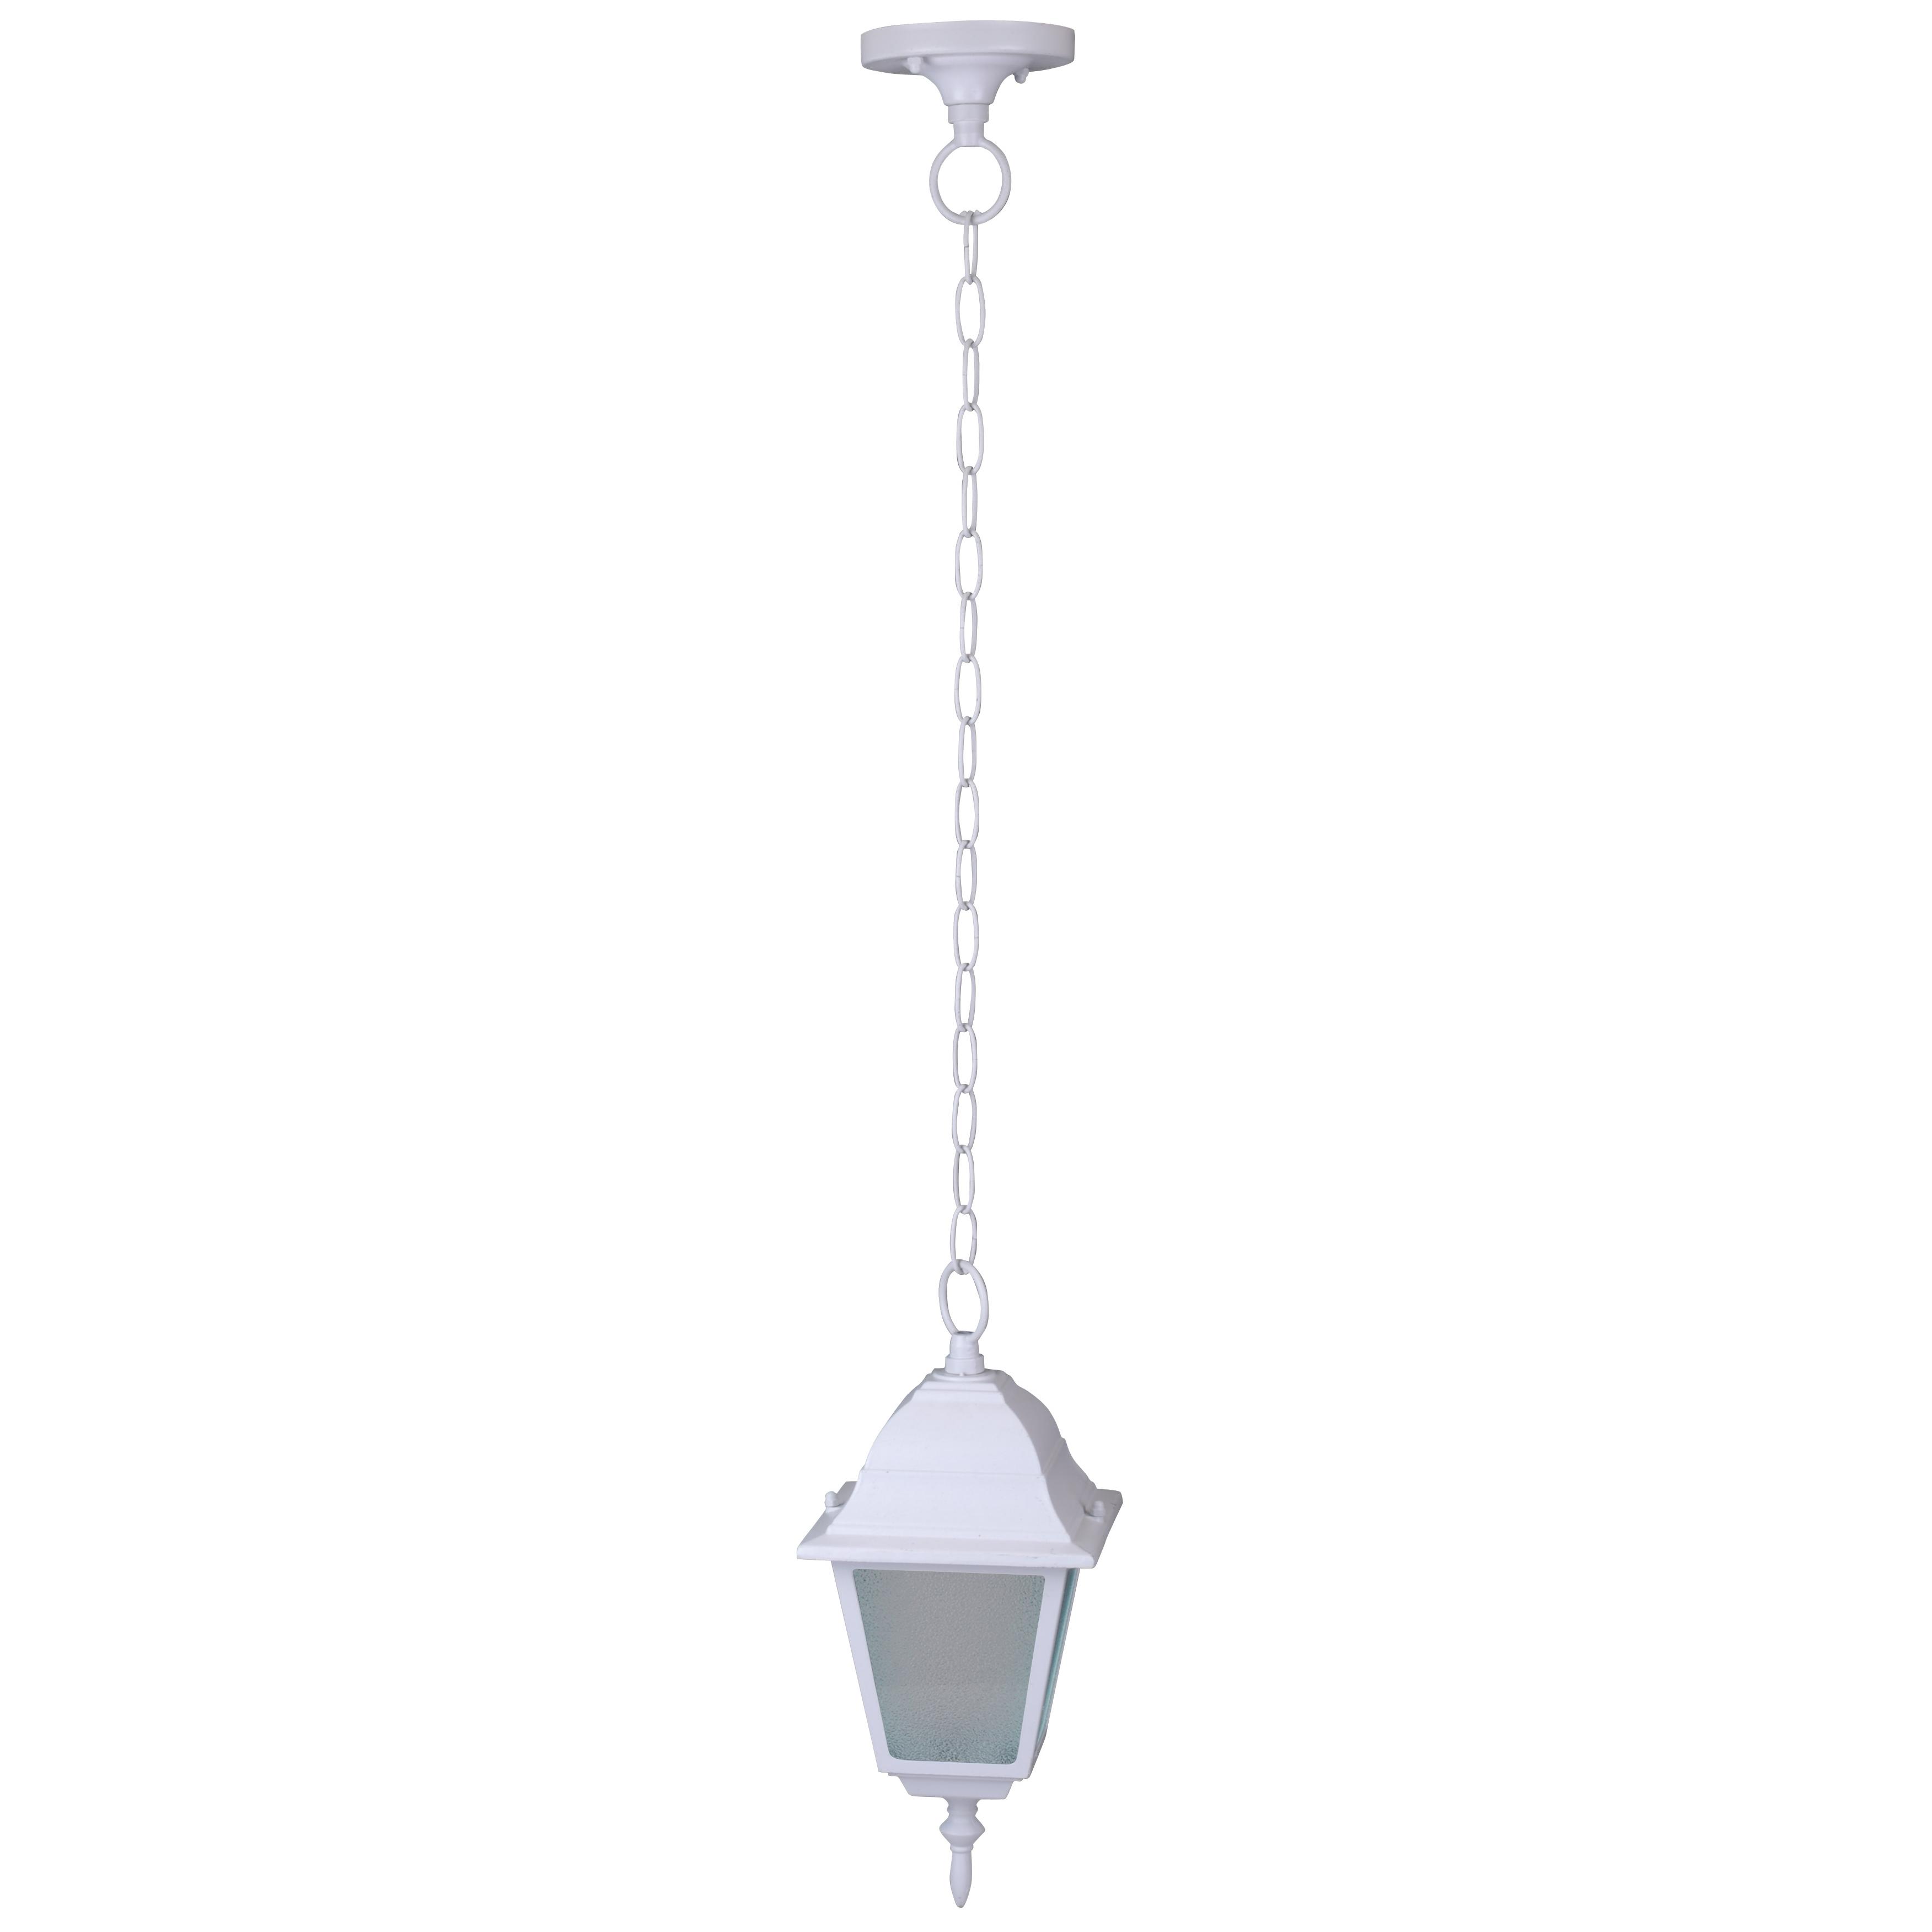 Светильник уличный Arte lamp Bremen a1015so-1wh встраиваемый светильник arte lamp cielo a7314pl 1wh